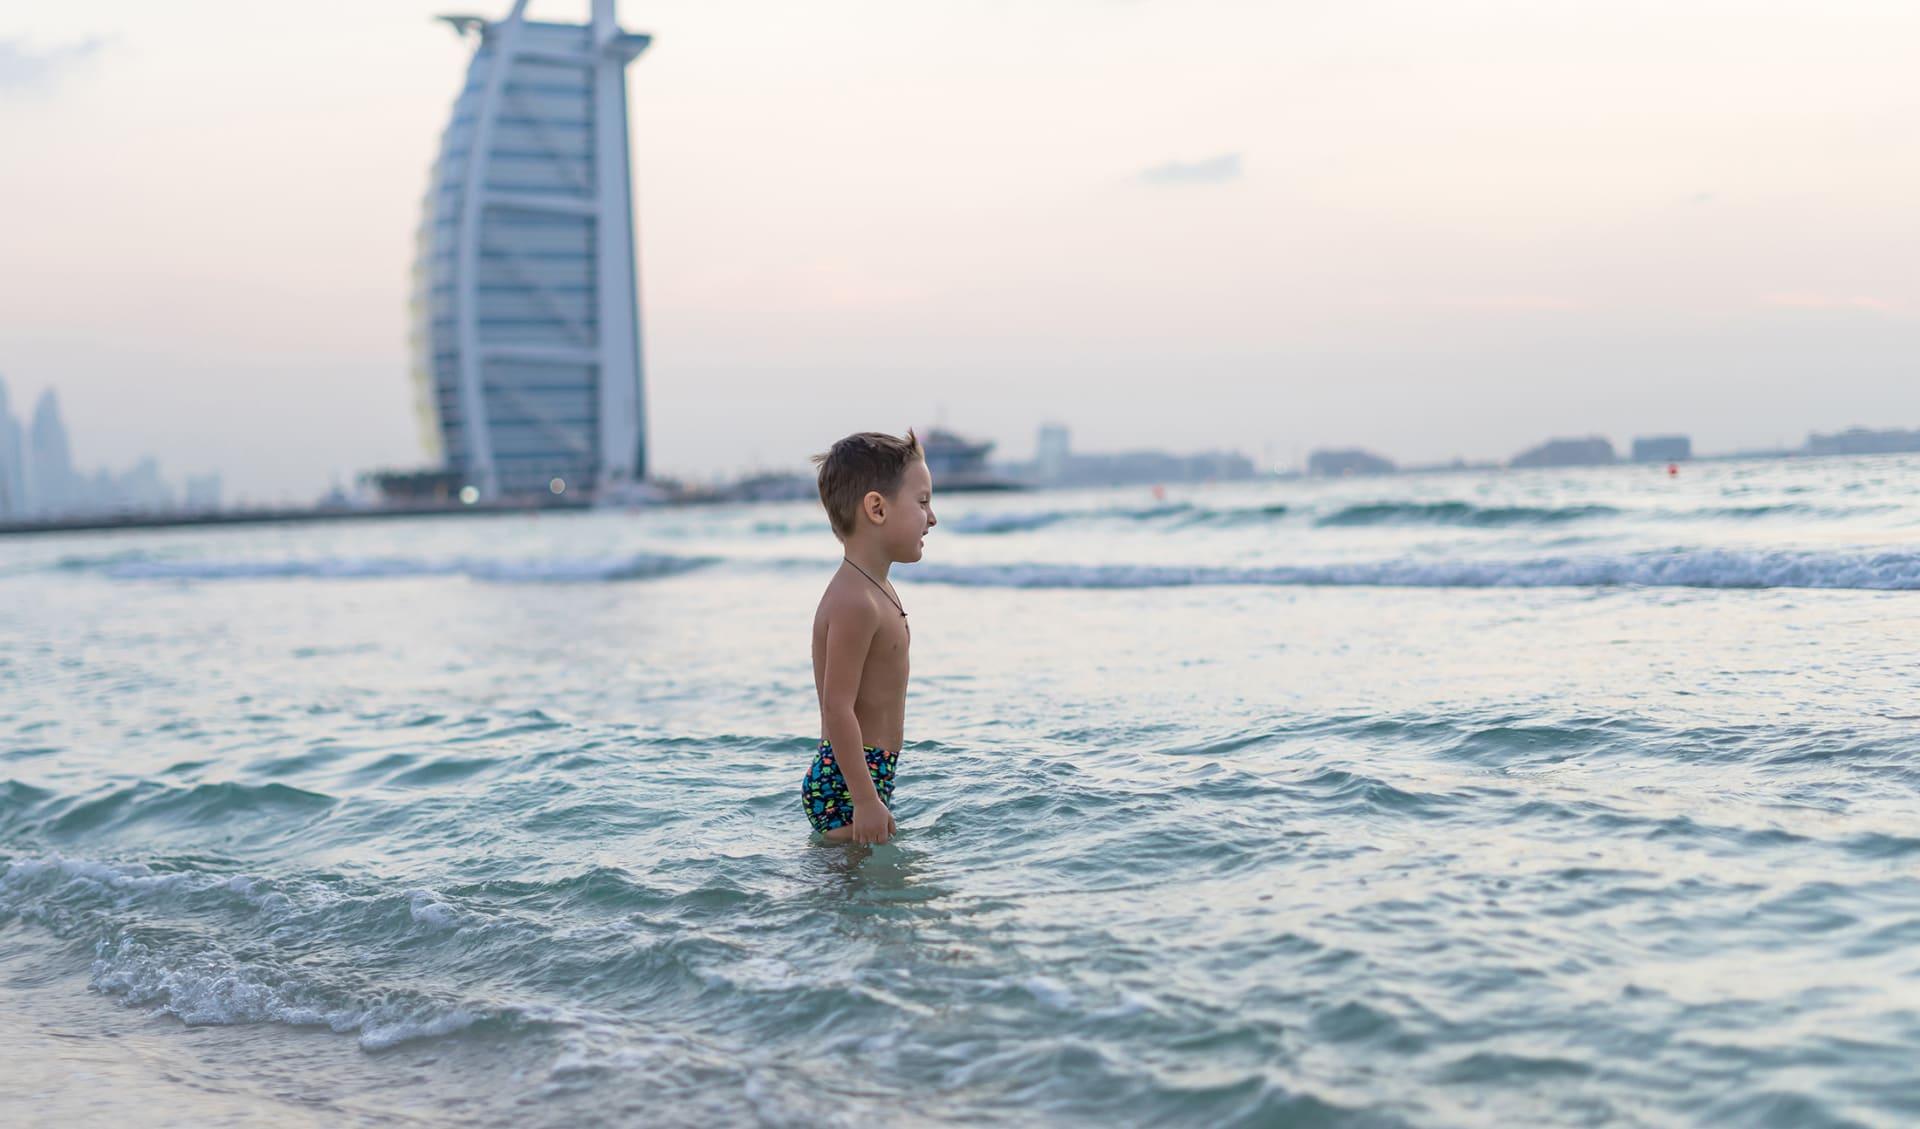 Glückliches Kind am Meer, Dubai, Vereinigte Arabische Emirate